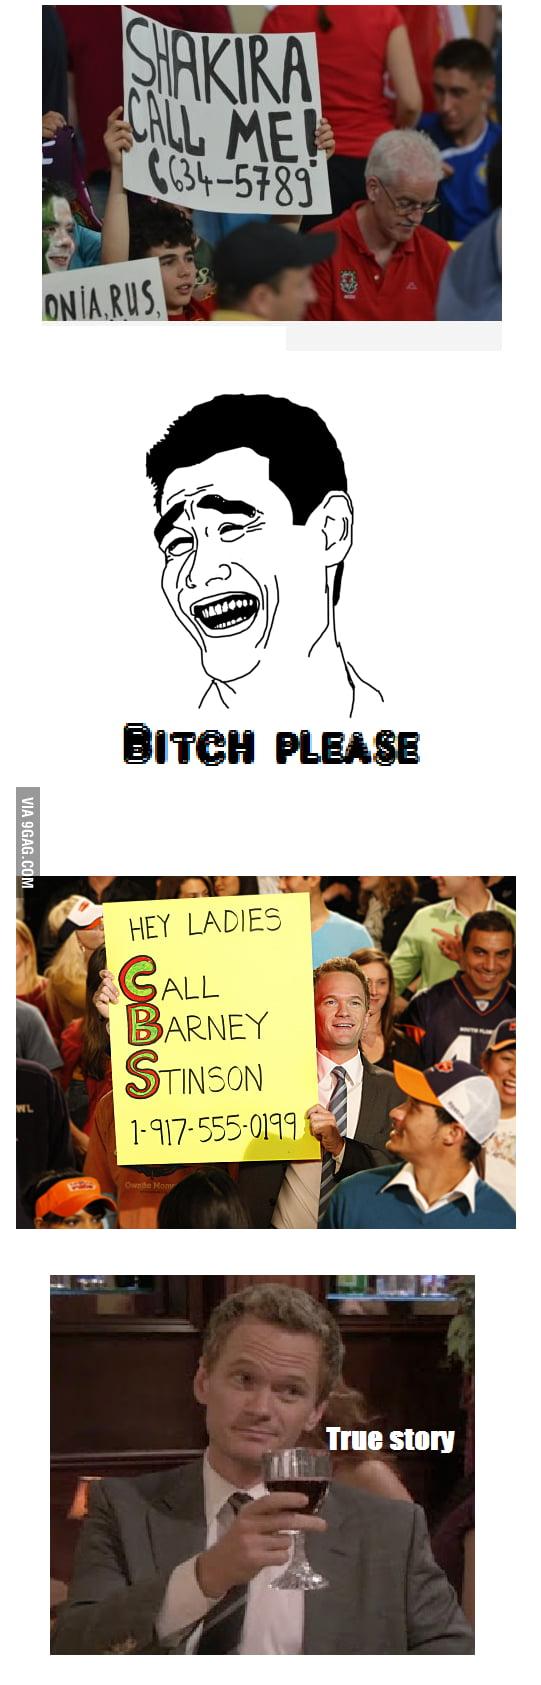 Euro 2012, B*tch please!